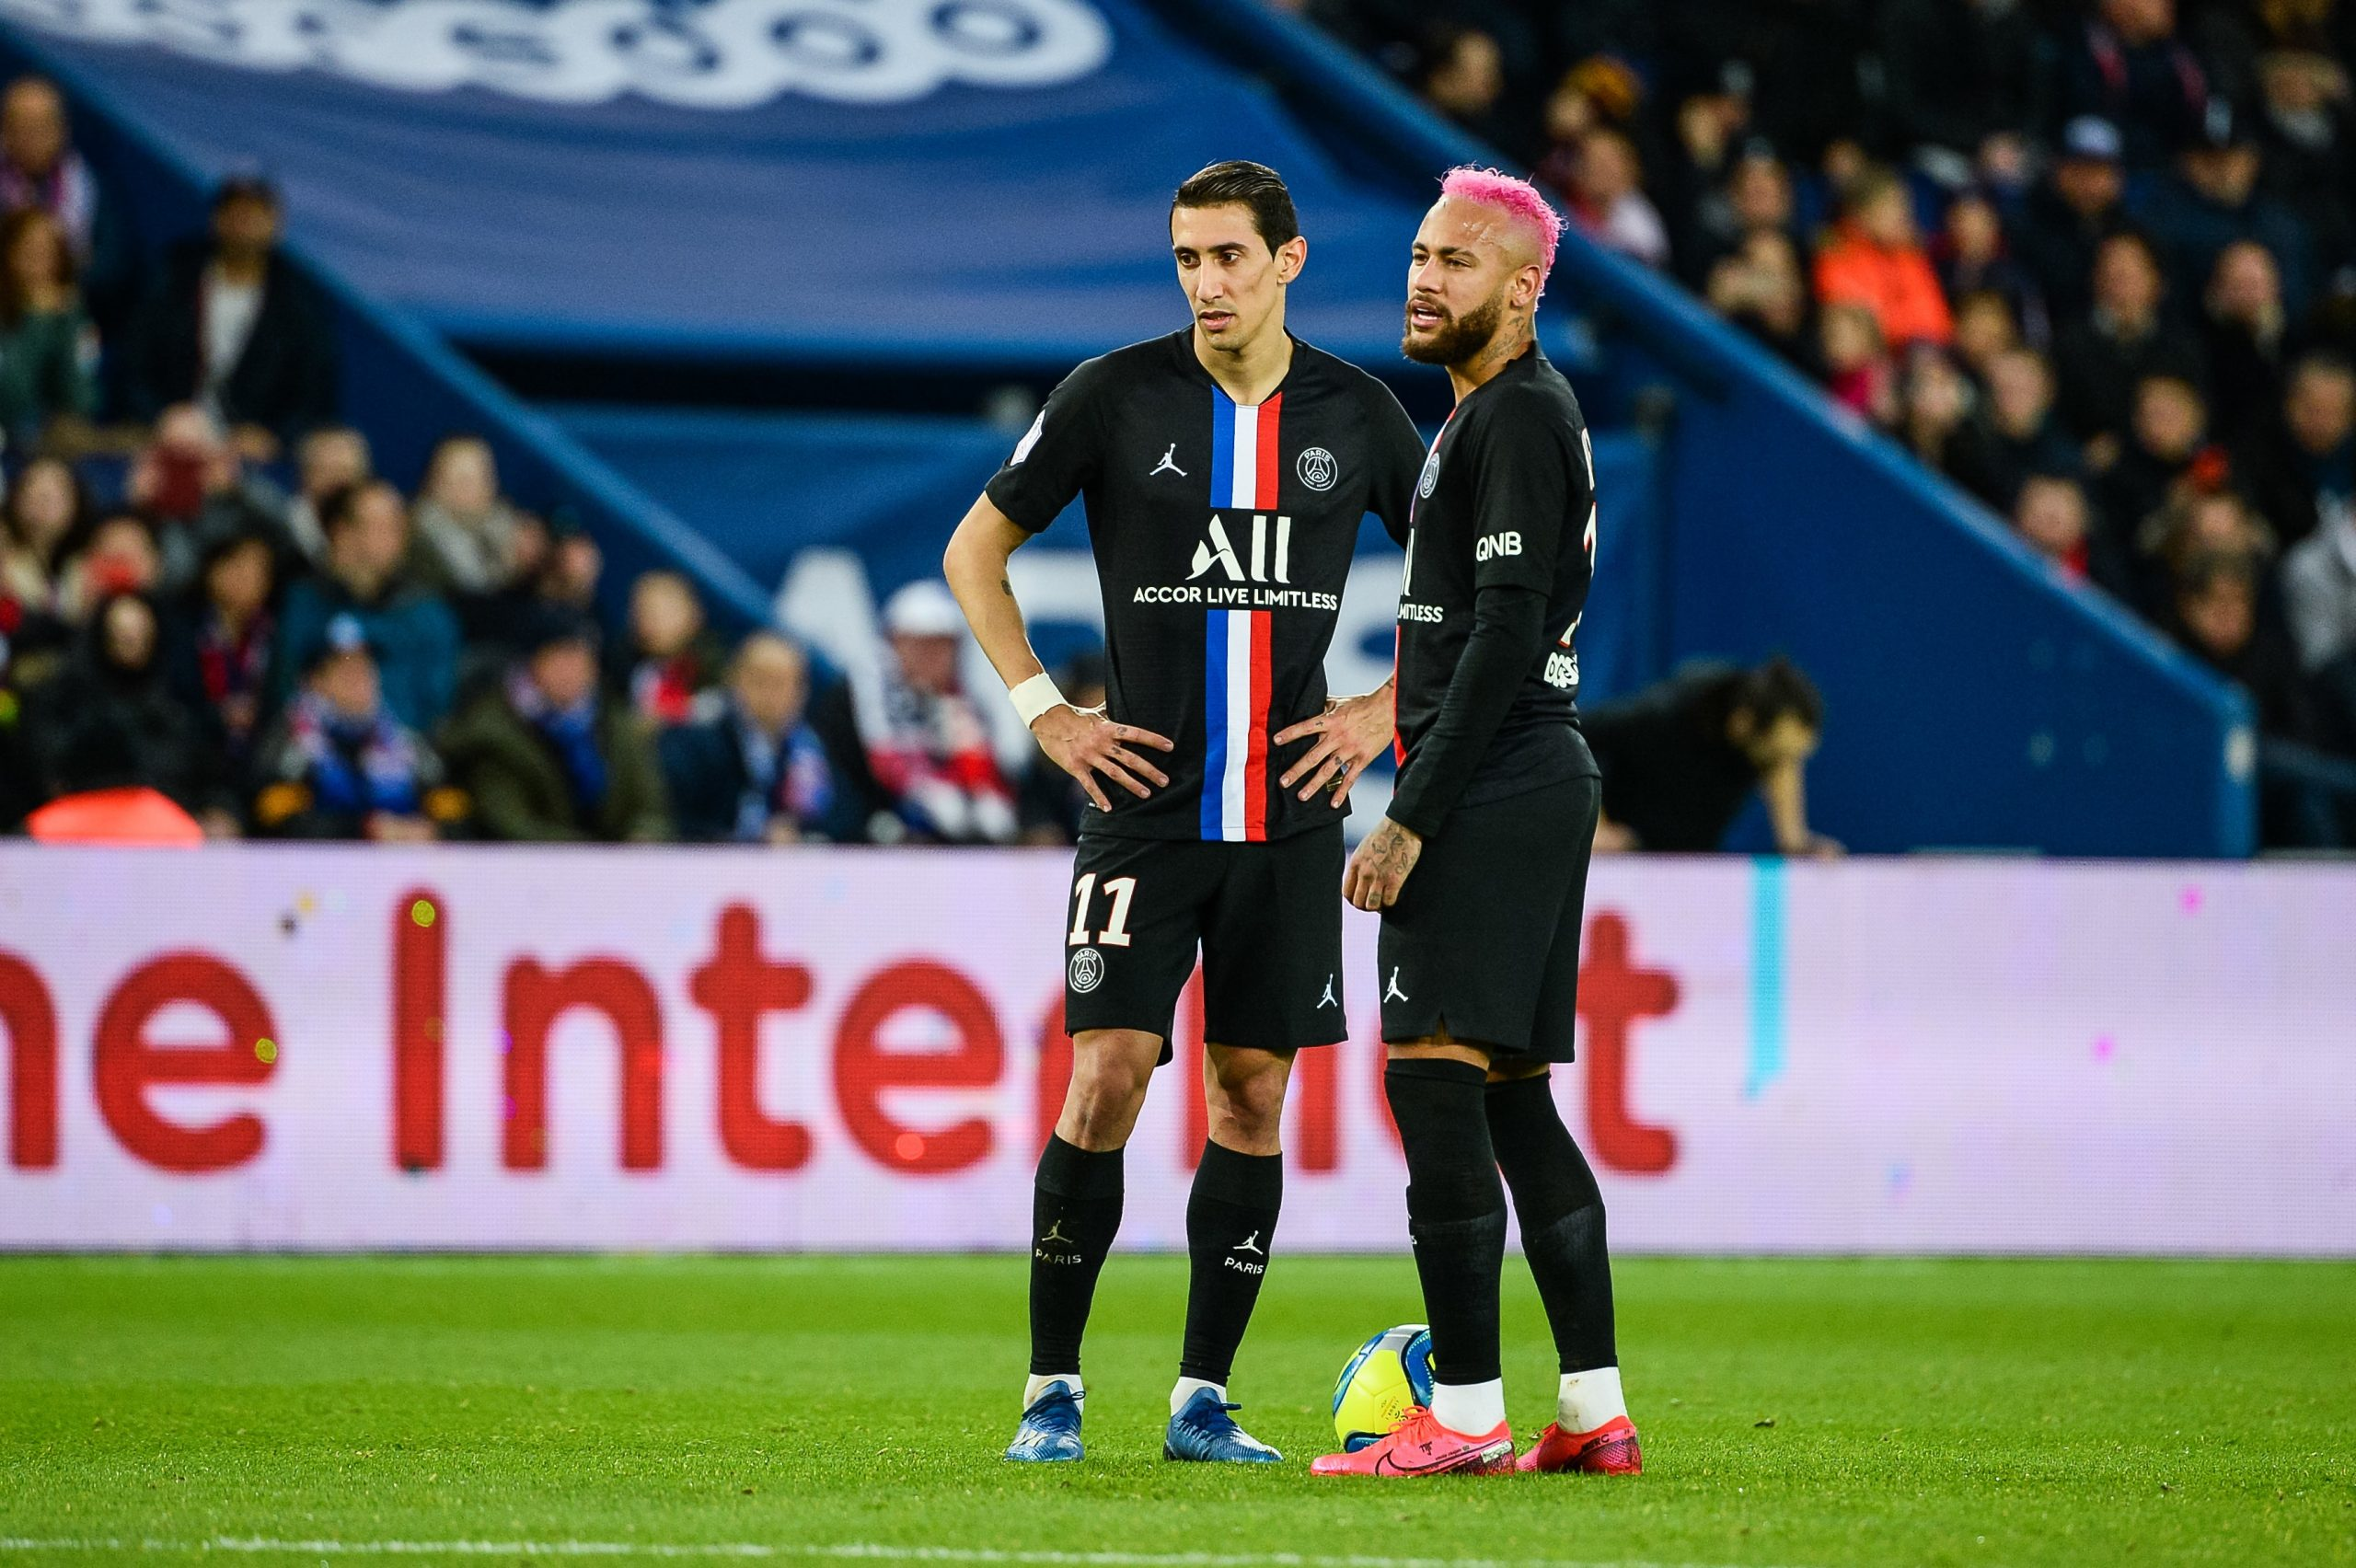 Sondage - Quelle est la plus belle réalisation du PSG cette saison ? 3e manche : Neymar ou Di Maria ?